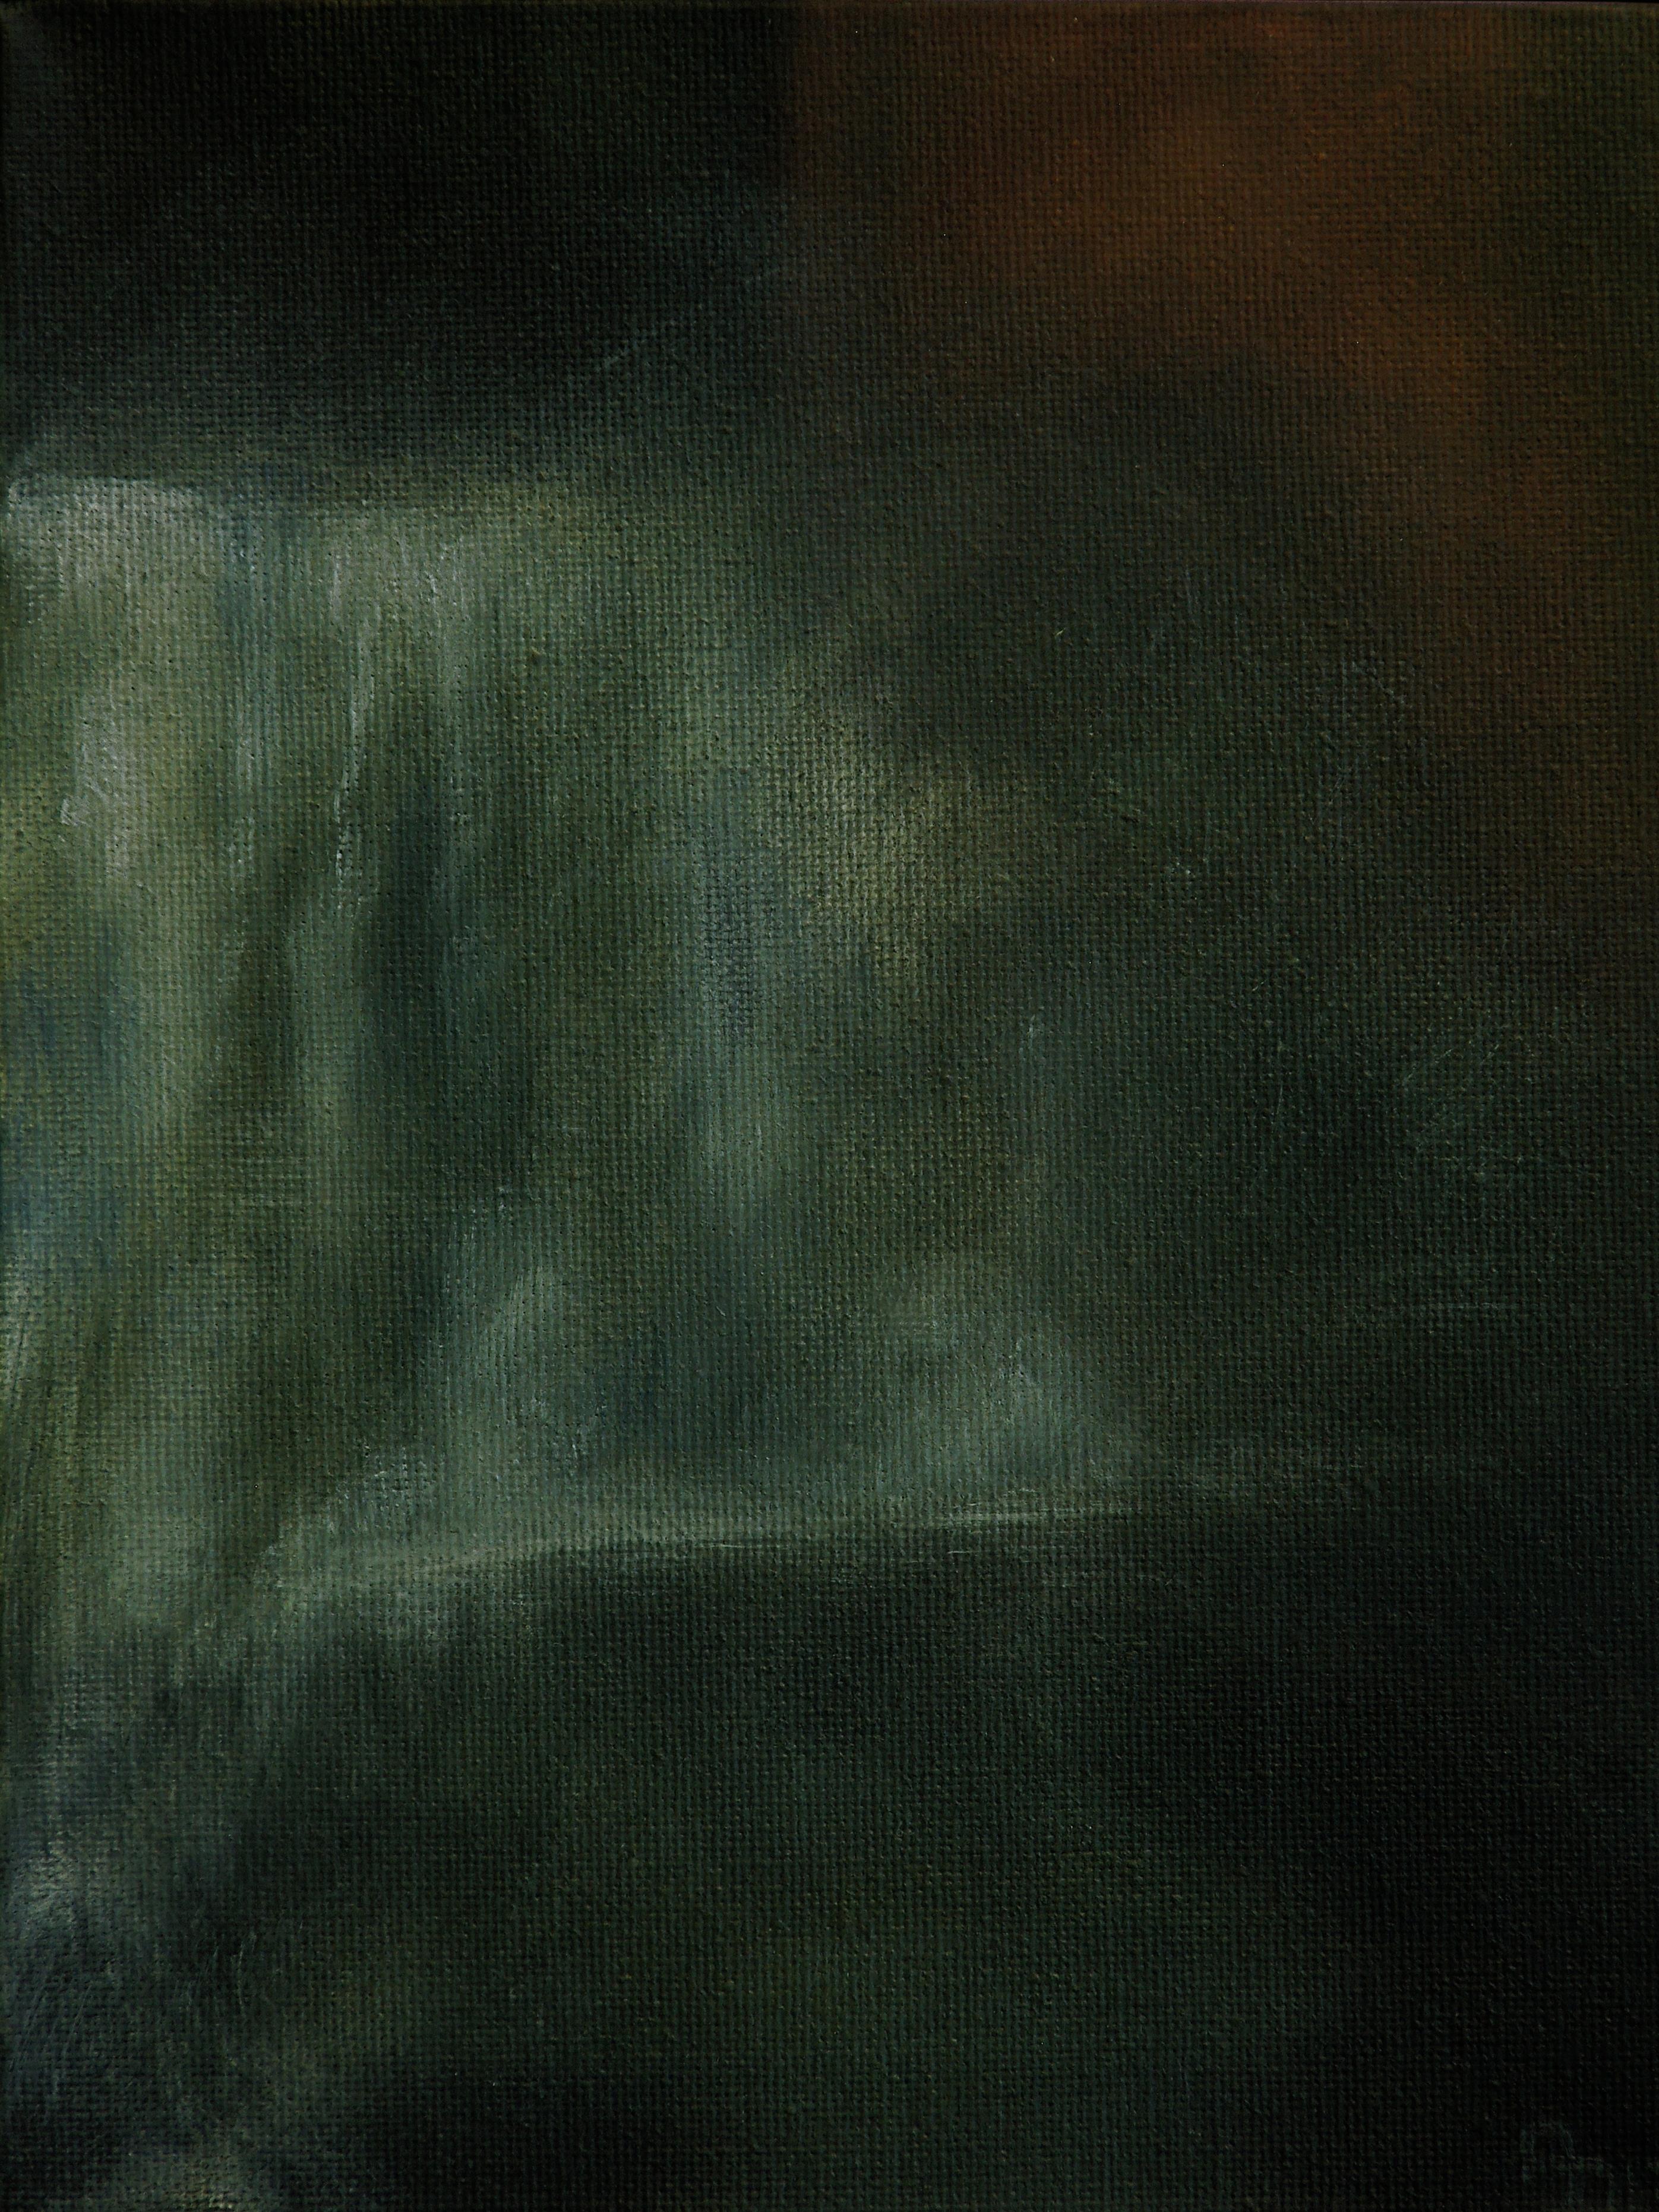 \ série « nuit »